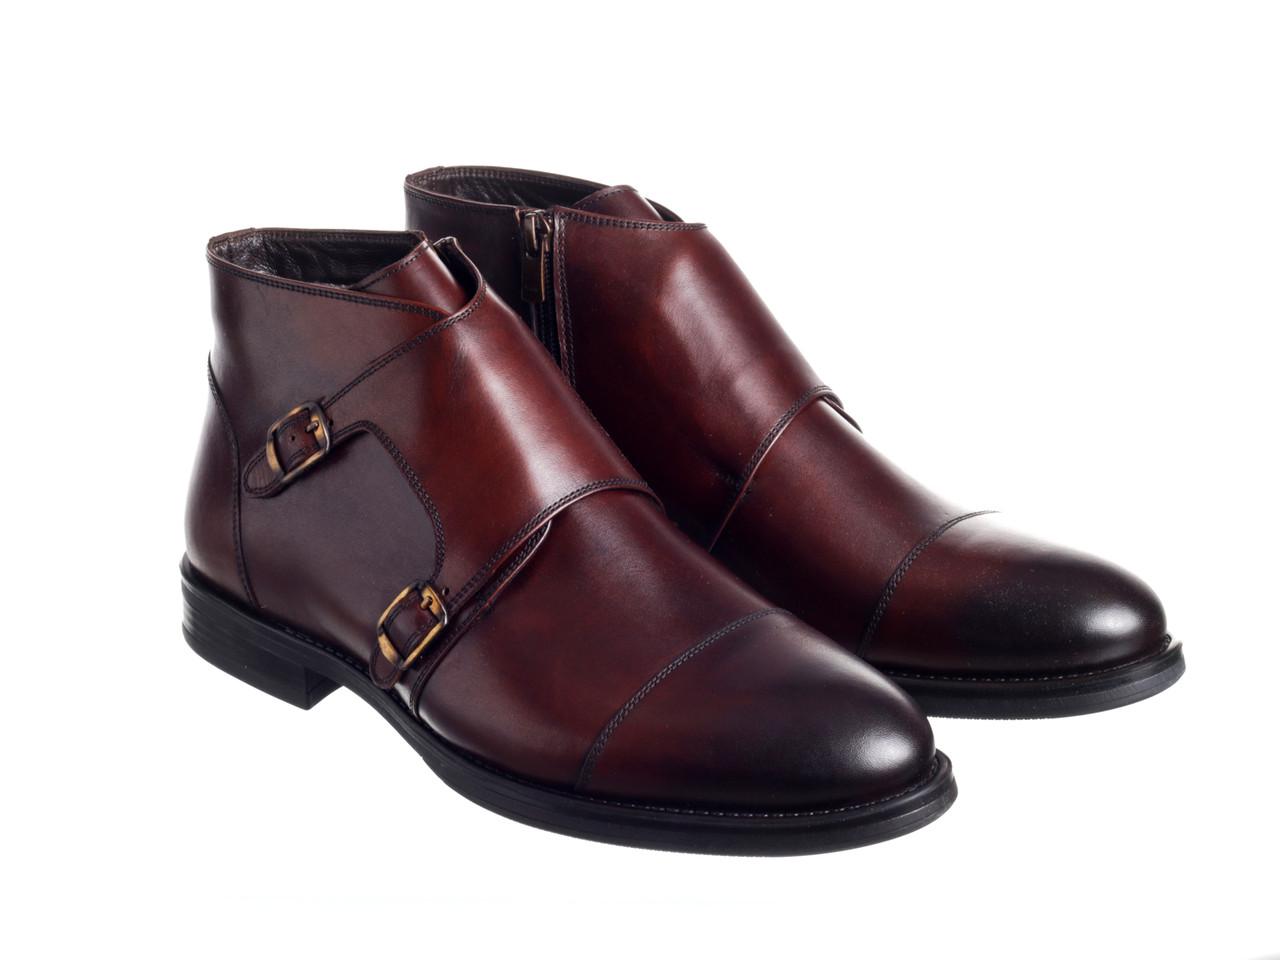 Ботинки Etor 14551-7376-1099 коричневые